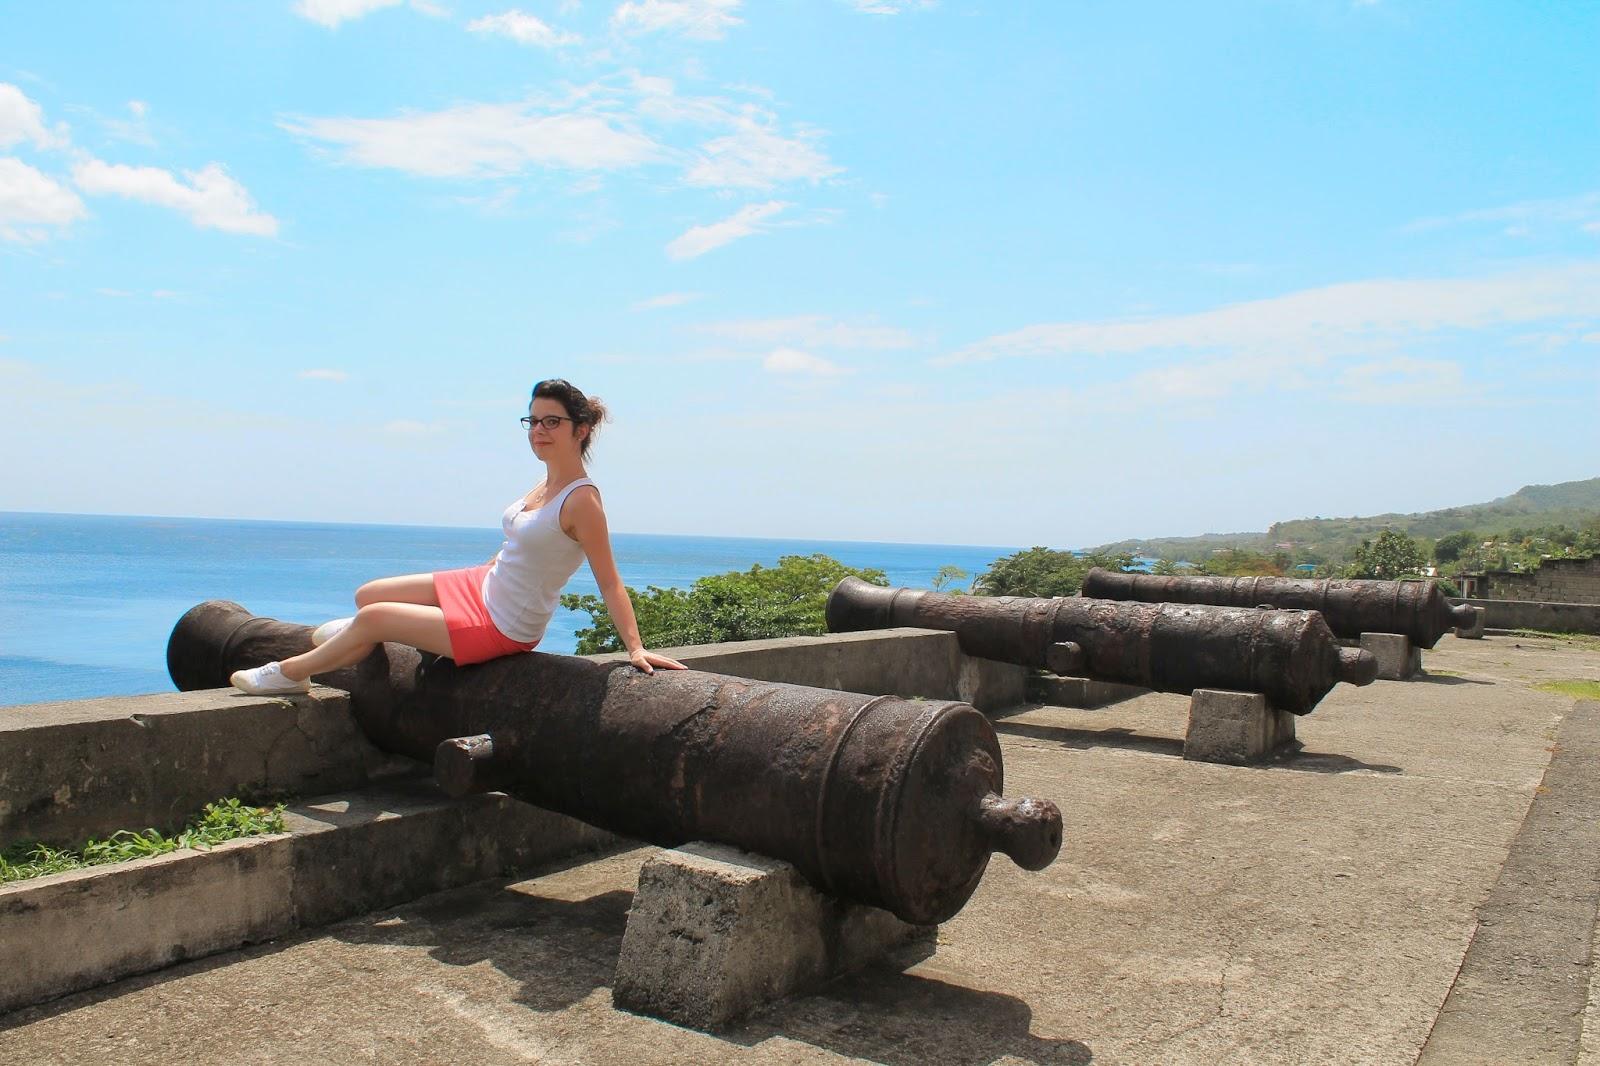 martinique caraibes vacances île dom tom visite saint-pierre vue canon